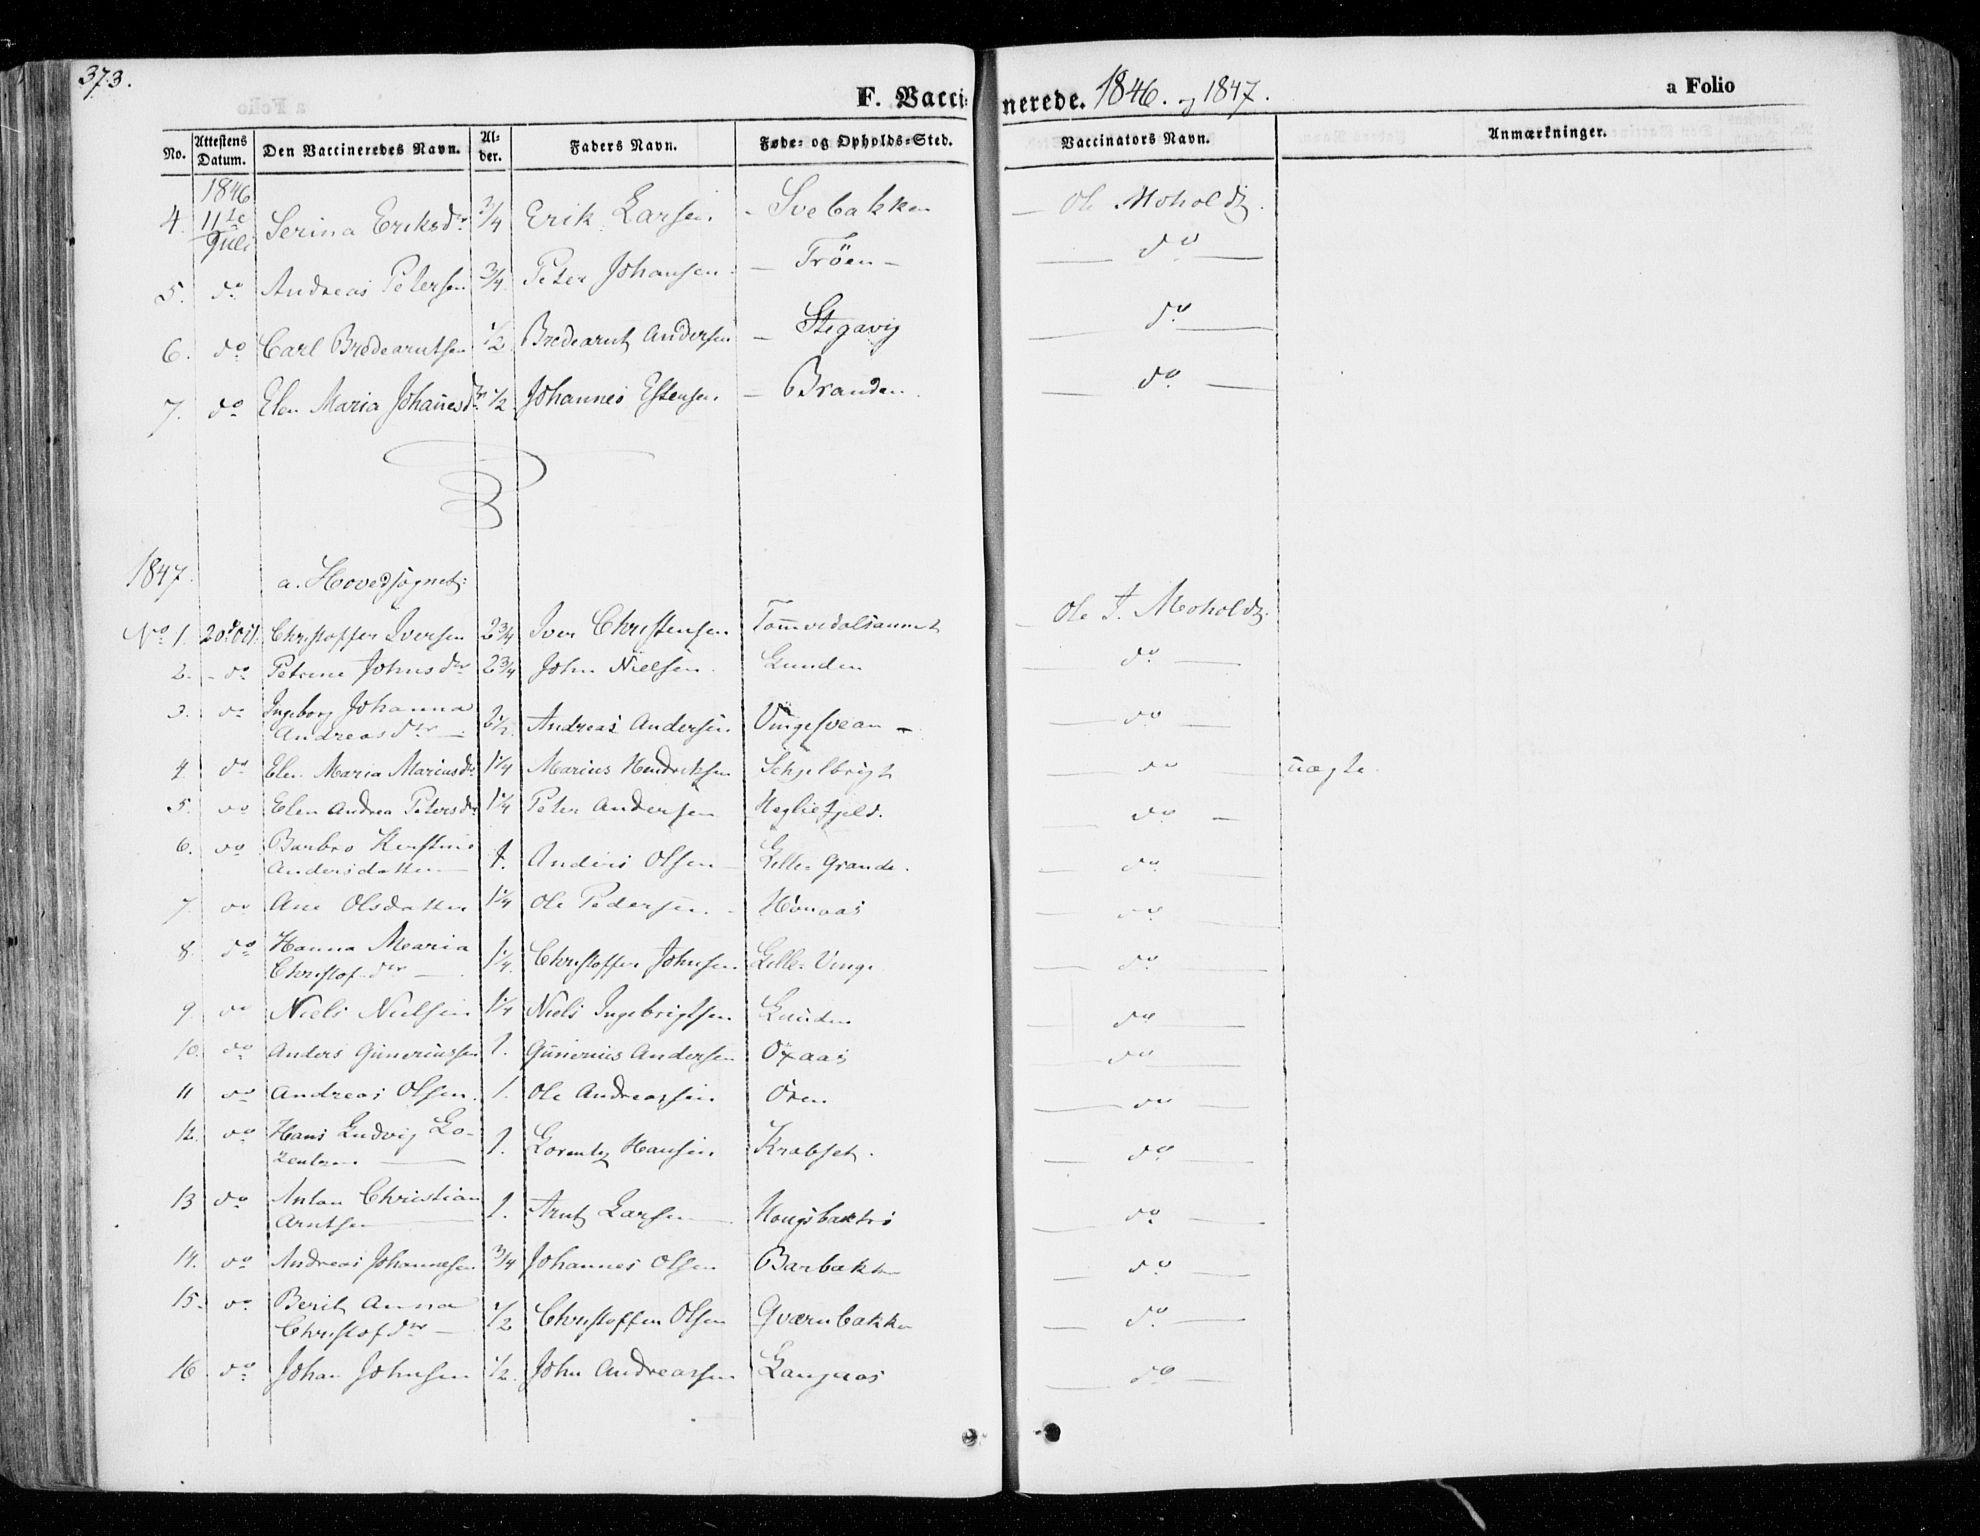 SAT, Ministerialprotokoller, klokkerbøker og fødselsregistre - Nord-Trøndelag, 701/L0007: Parish register (official) no. 701A07 /1, 1842-1854, p. 373